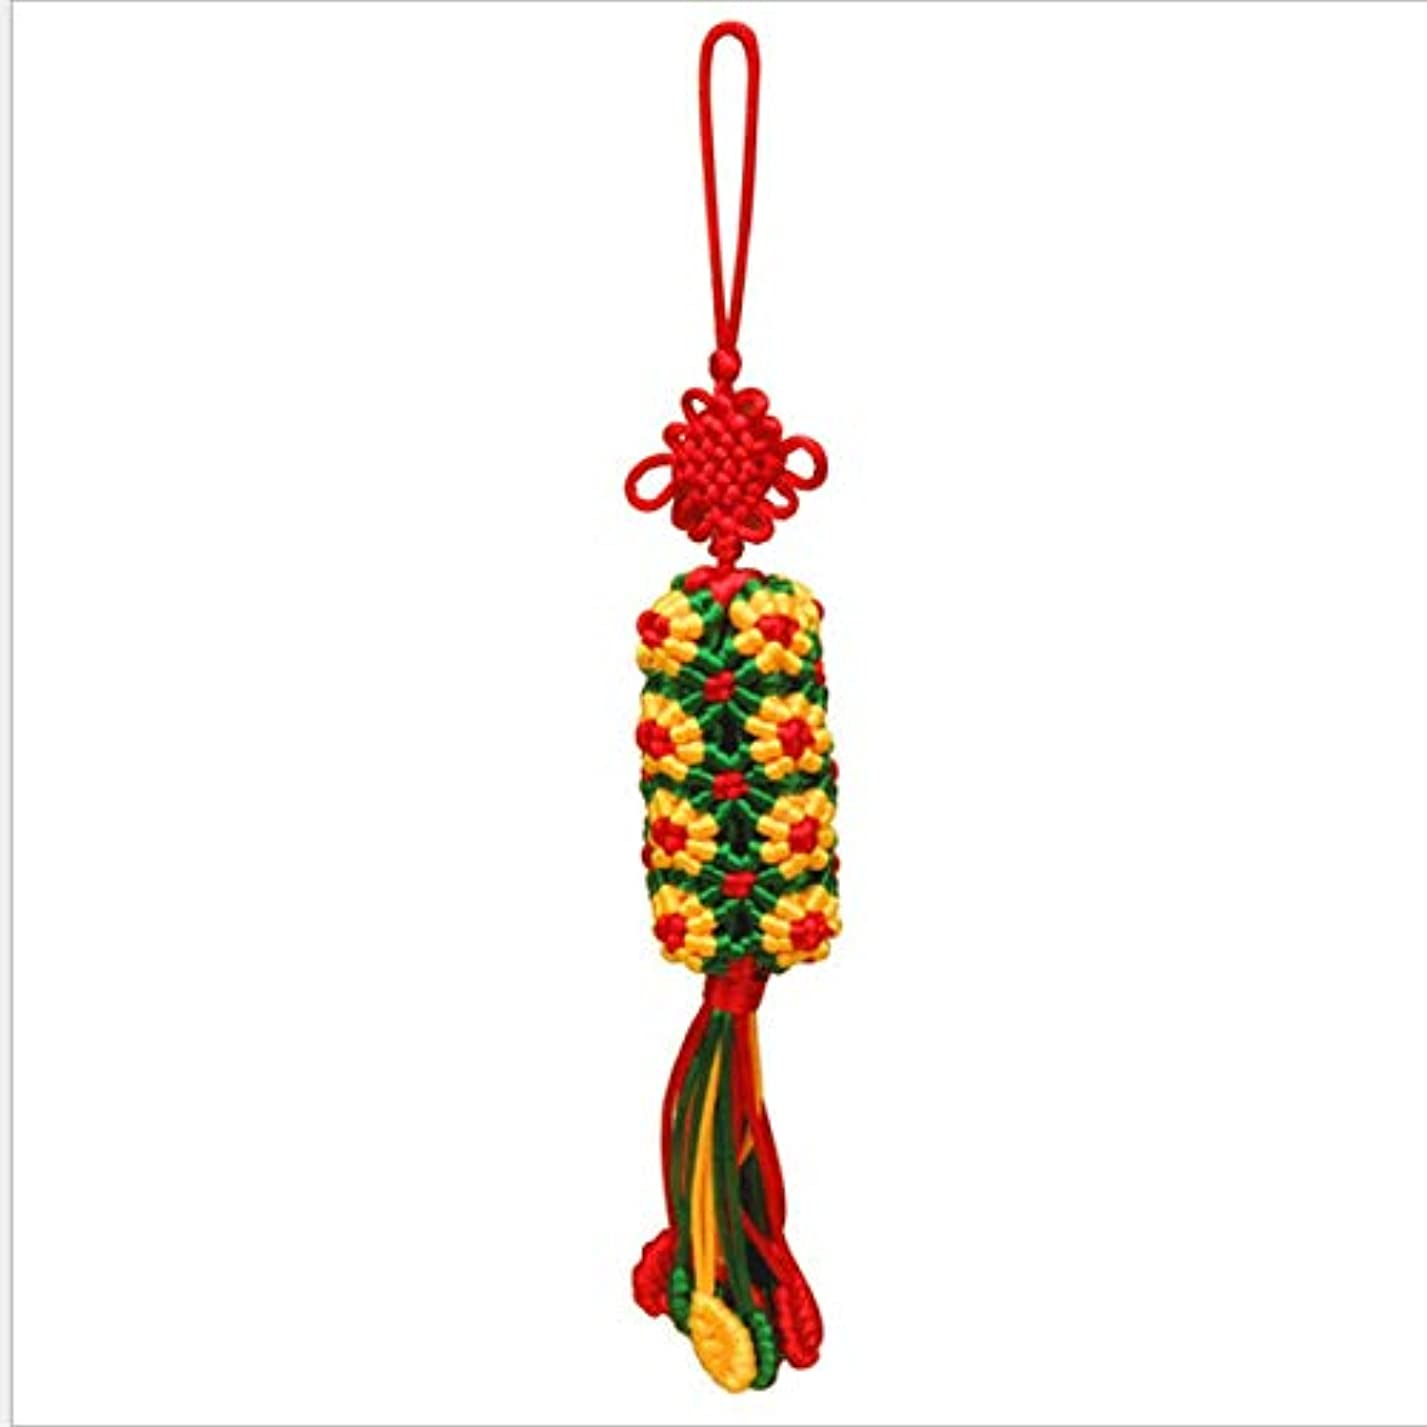 覆す実験的抗議Kaiyitong01 1パック、カラフルなロープの手編みの小さなペンダント、ひまわりのペンダント、フリンジサテンのチャイニーズノット(赤),絶妙なファッション (Color : Red)